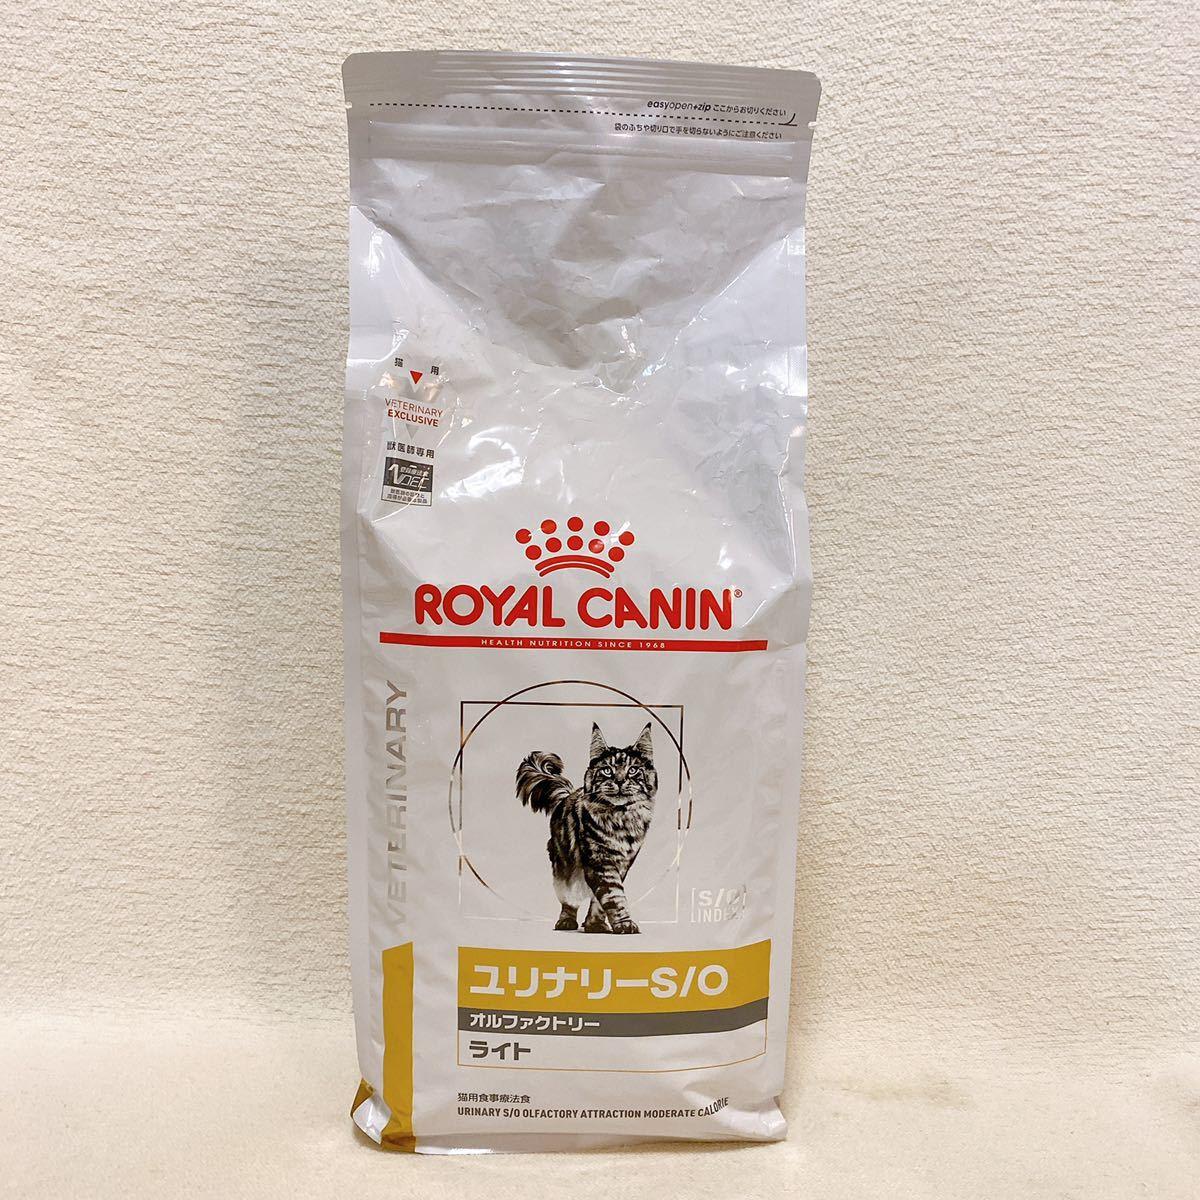 【新品】ロイヤルカナン ユリナリー S/O so オルファクトリー ライト 療法食 キャットフード ドライフード 猫用 猫